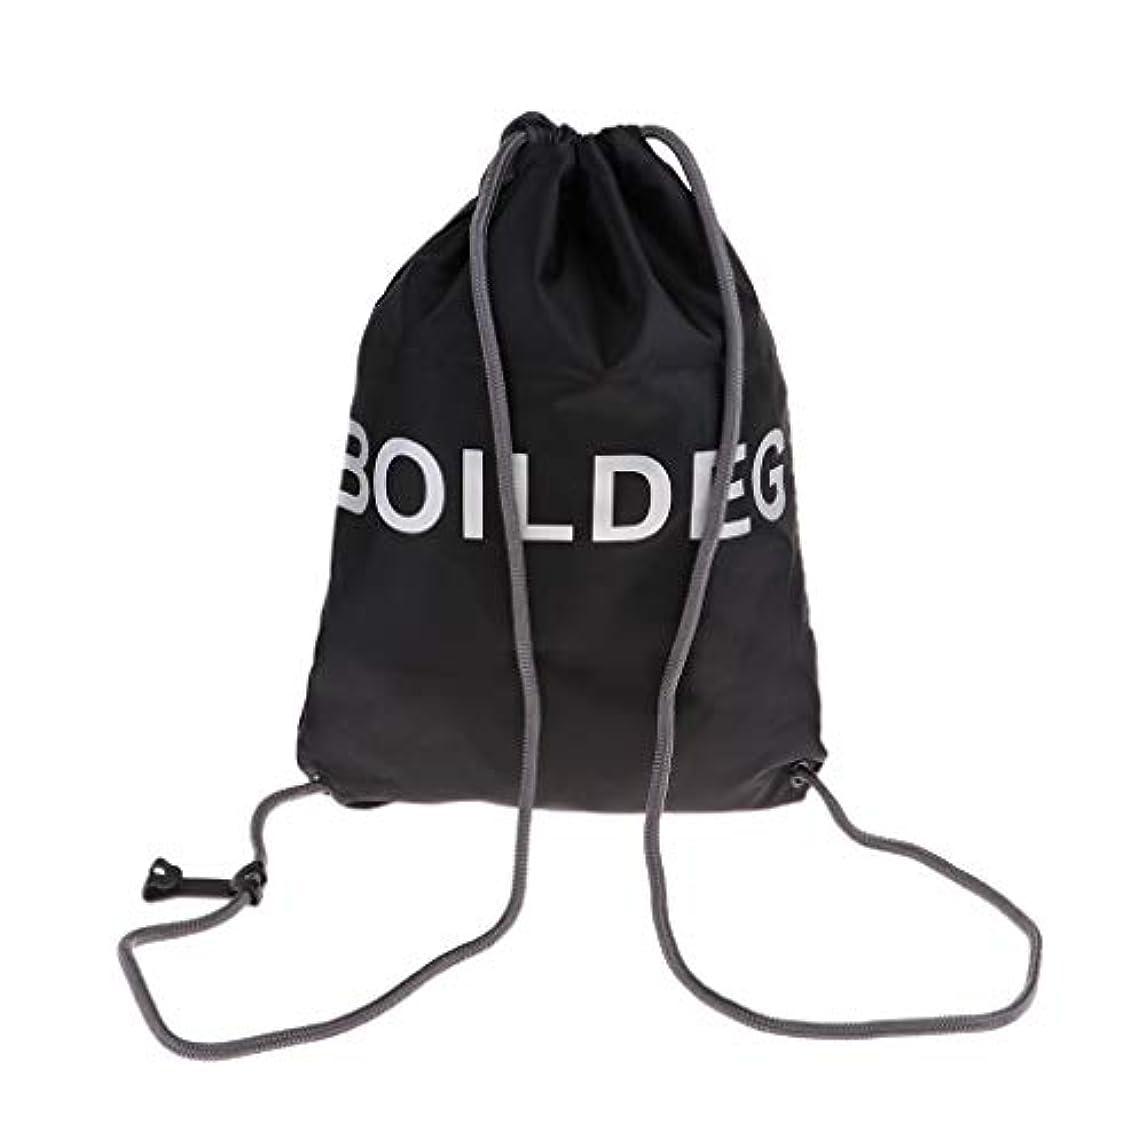 不注意医学確立しますPerfeclan スポーツバック スポーツ用バッグ バックパック 運動 旅行 部活用 男女兼用 軽量 防水